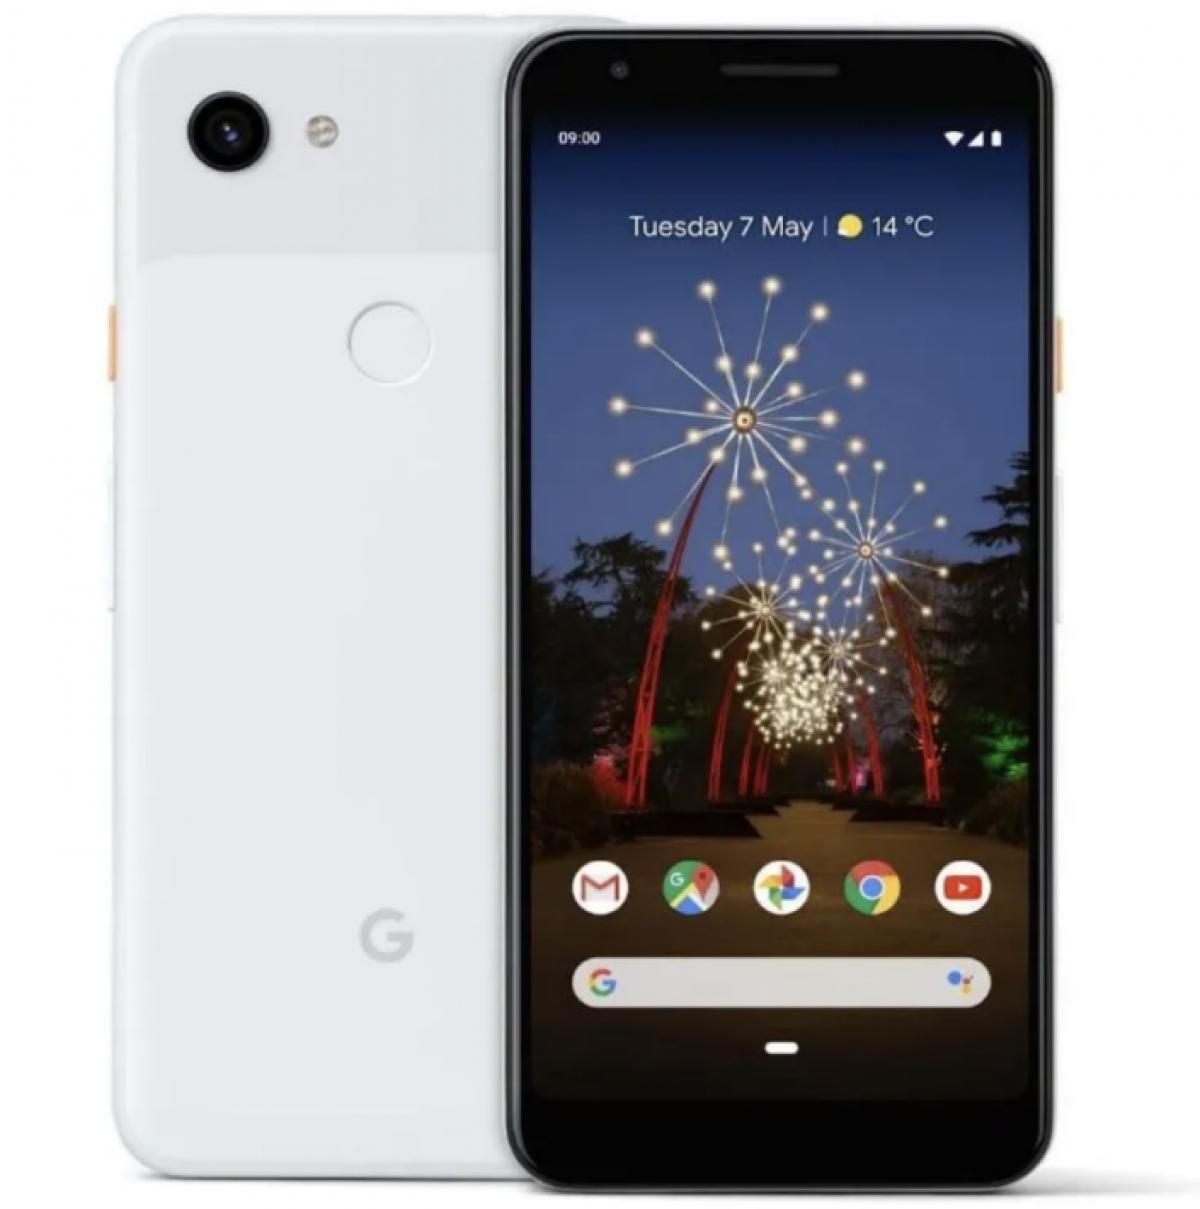 Dòng sản phẩm tầm trung của Google, Google Pixel 3a, đang có mức giá hấp dẫn trong đợt khuyến mại. Điện thoại được chú trọng về chất lượng ảnh chụp, màn hình OLED 5,6 inch với độ nét mẫu mực và tuổi thọ pin trong vòng hai ngày nhờ pin 3.000 mAh.